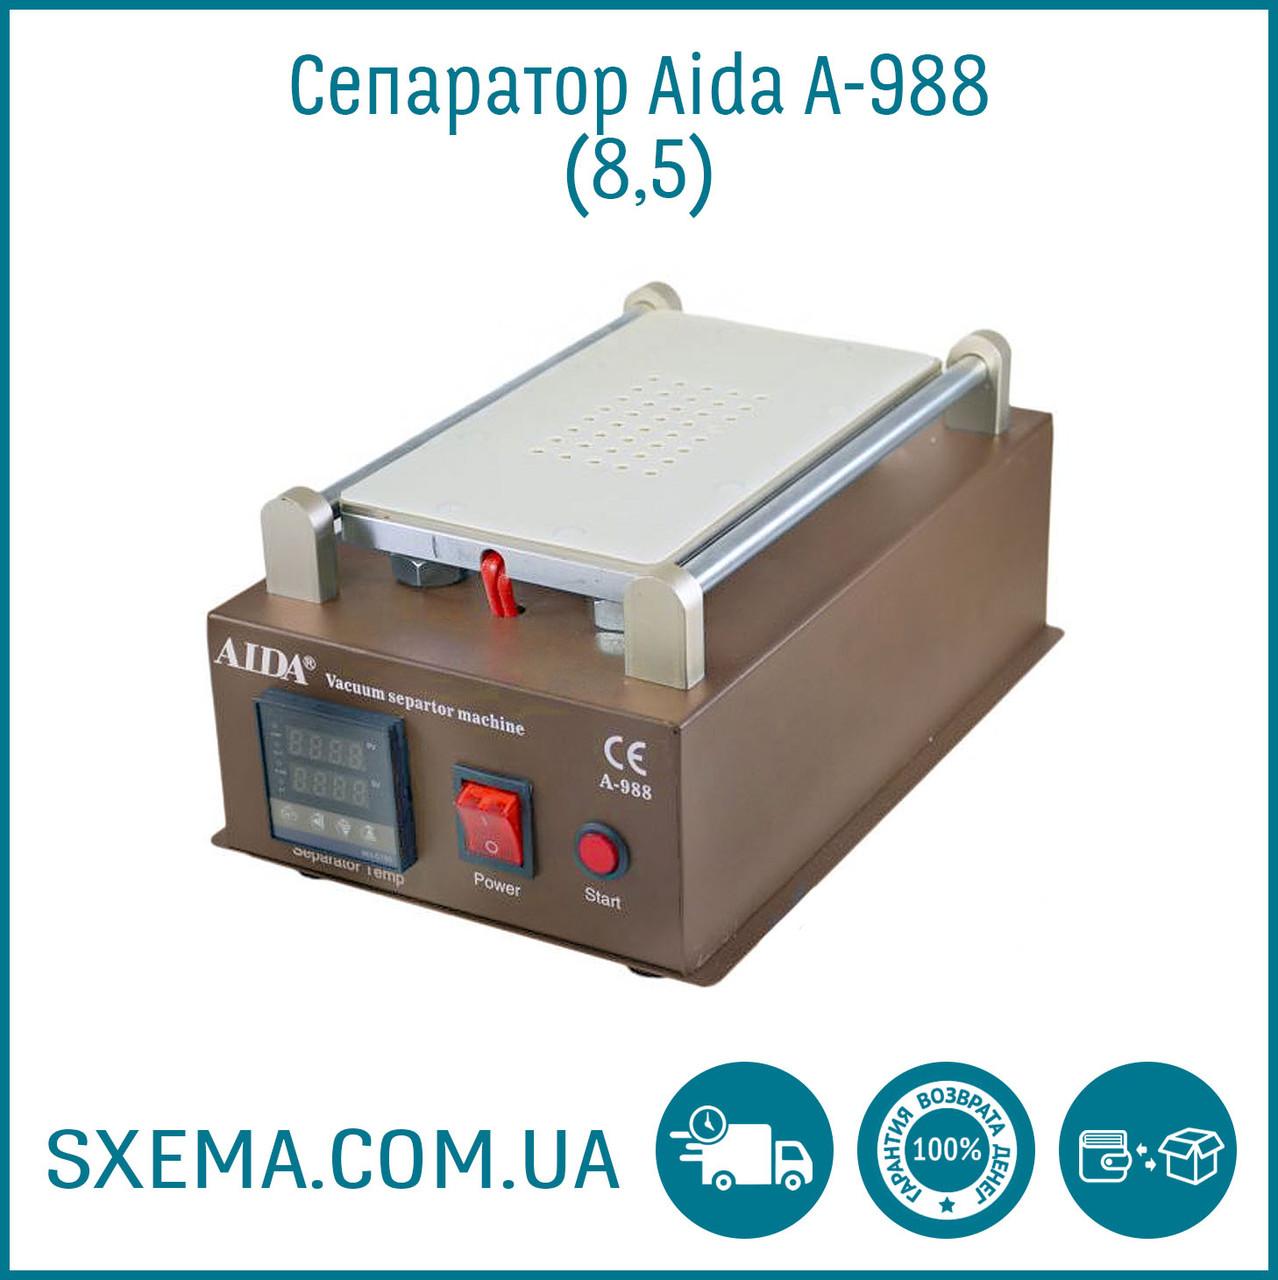 """Вакуумный сепаратор Aida A988 8.5"""" (19х11см) для телефонов, для разделения модуля, со встроенным компрессором"""